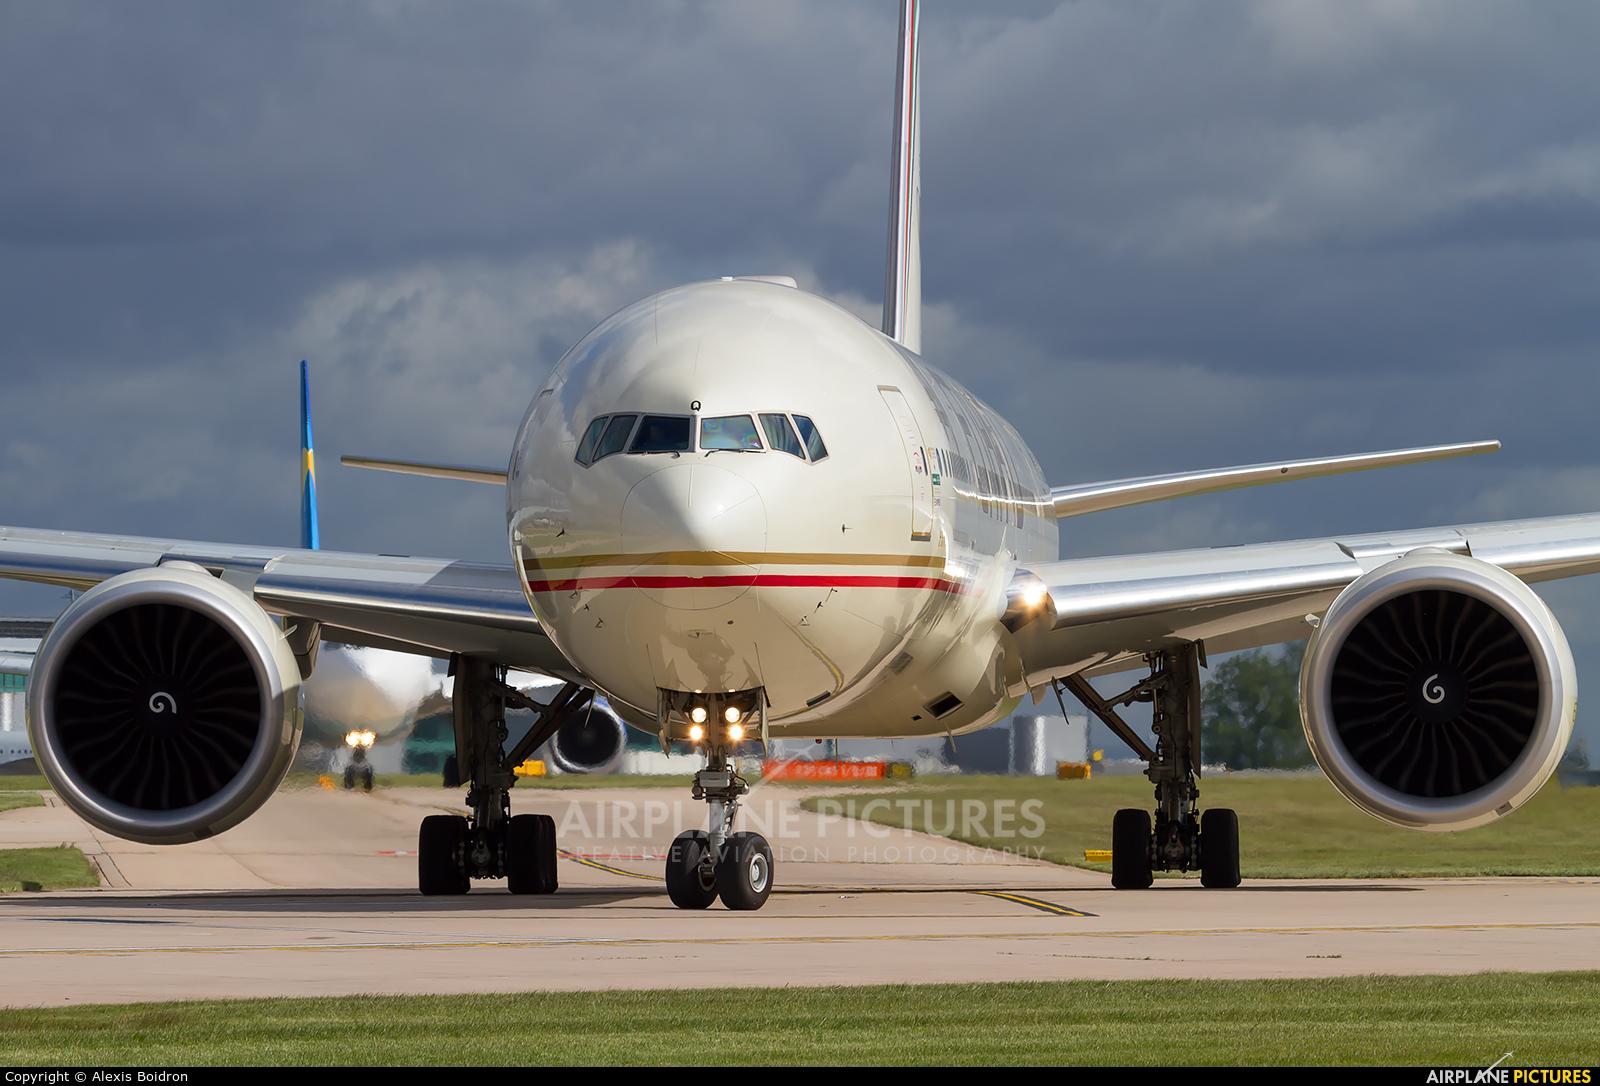 Etihad Airways A6-ETQ aircraft at Manchester